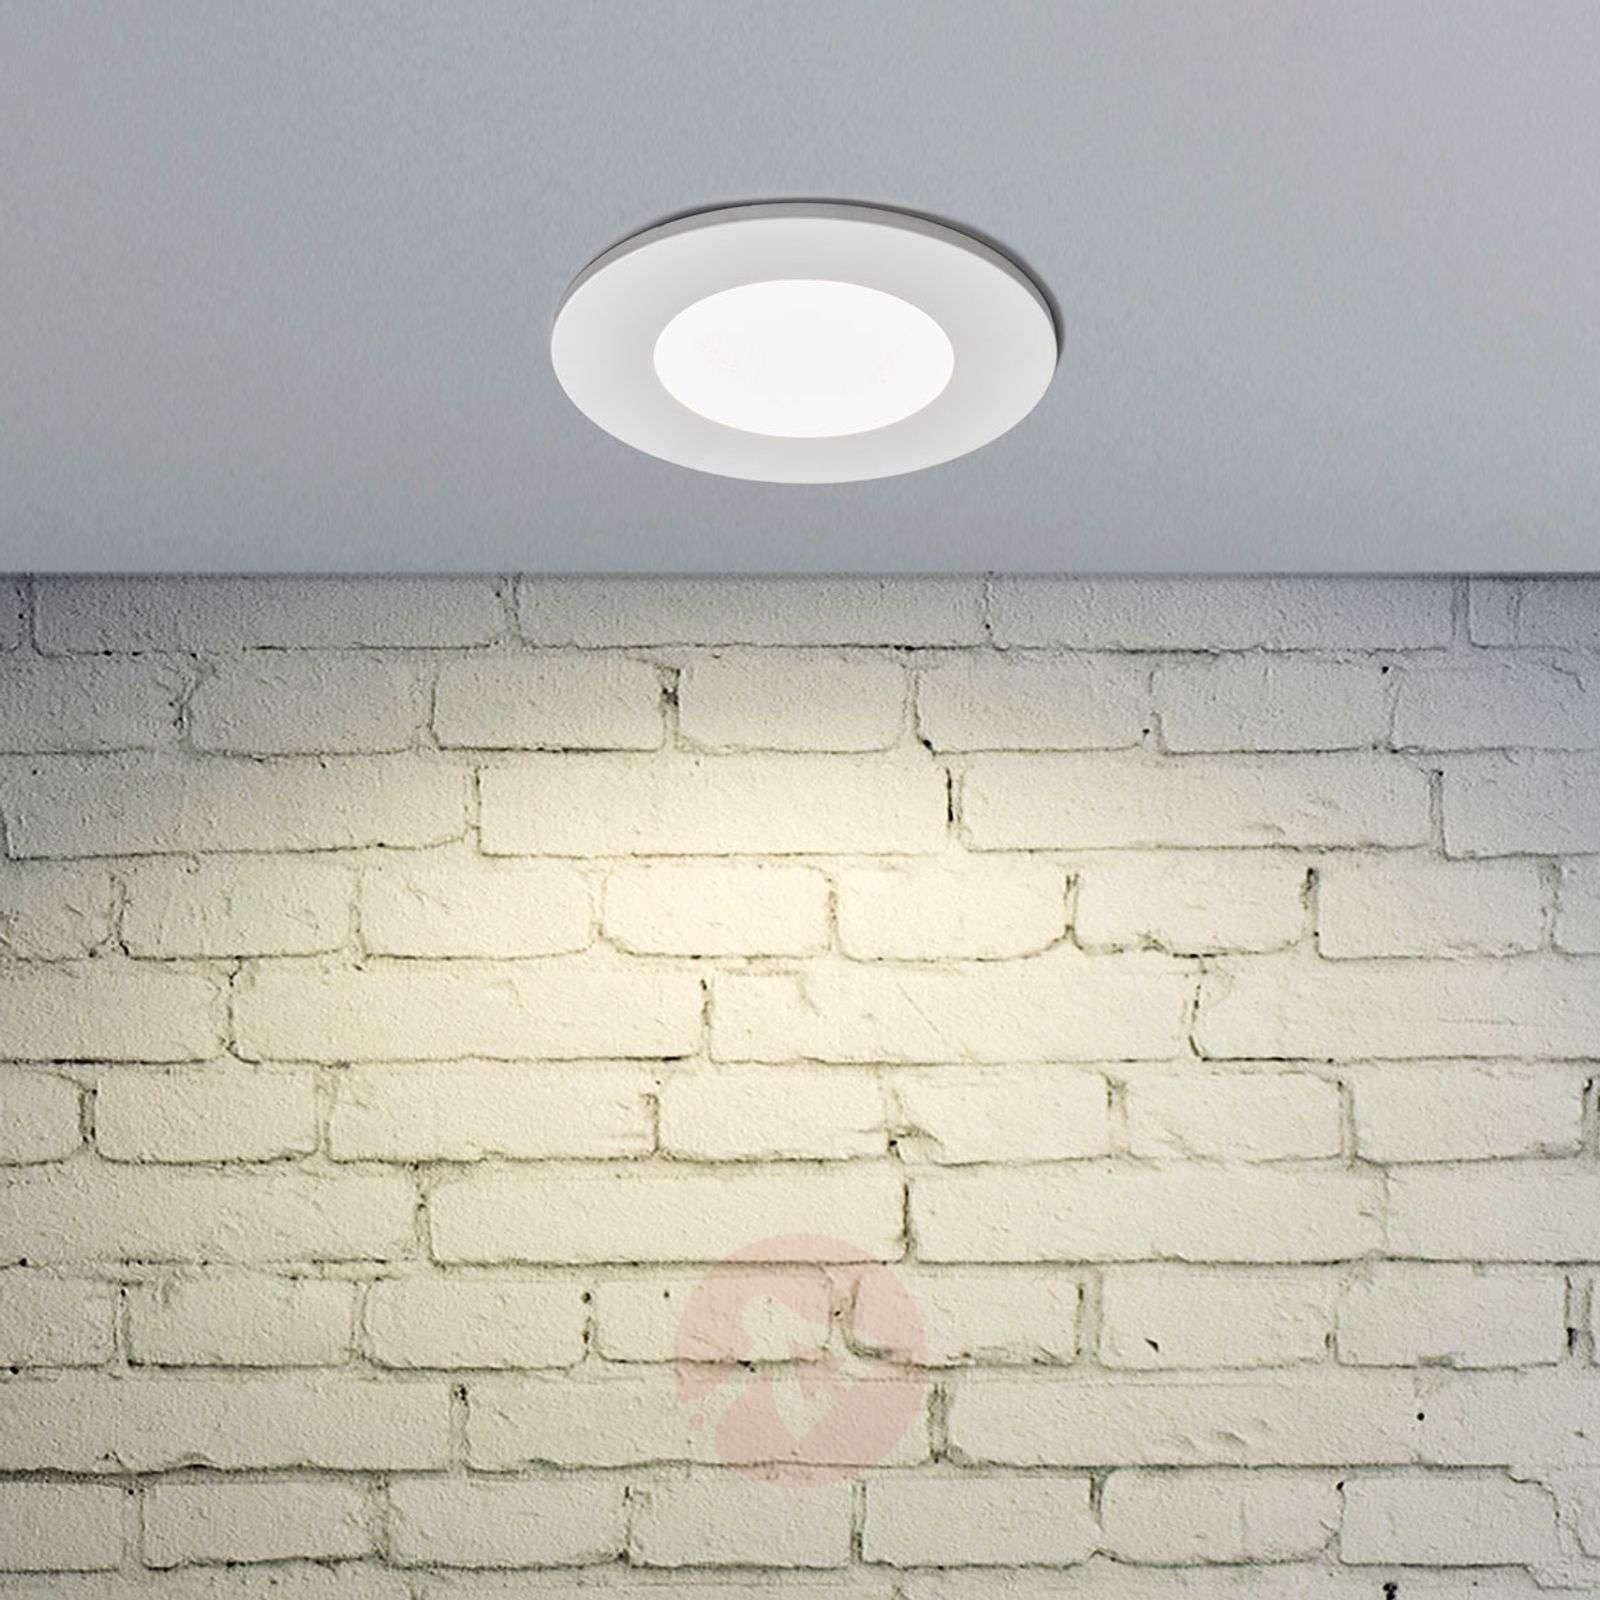 LED-kohdevalaisin Kamilla, valkoinen, IP65, 7 W-9966020-04